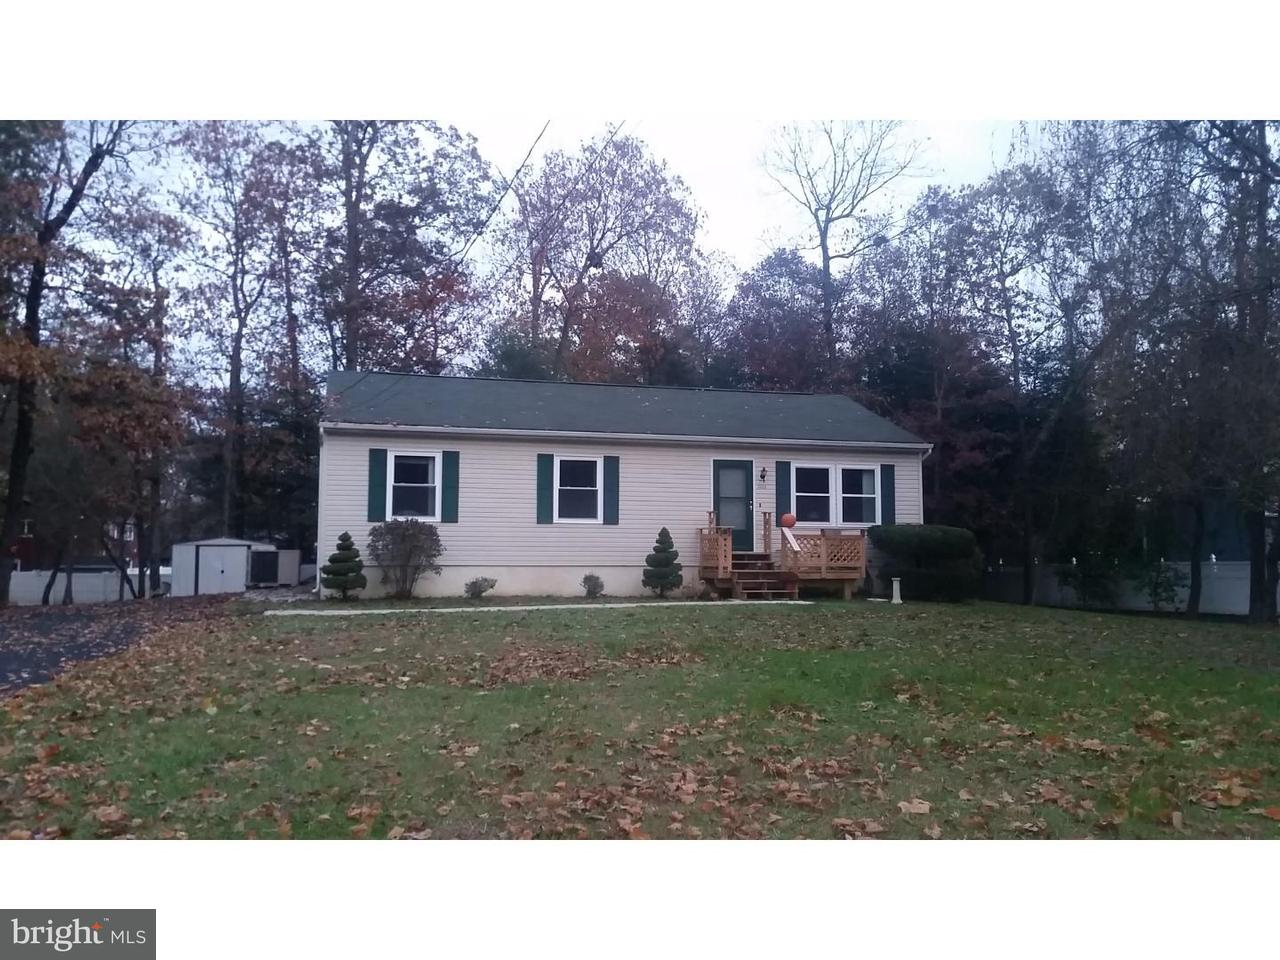 Casa Unifamiliar por un Alquiler en 3283 N DELSEA Drive Vineland, Nueva Jersey 08360 Estados Unidos